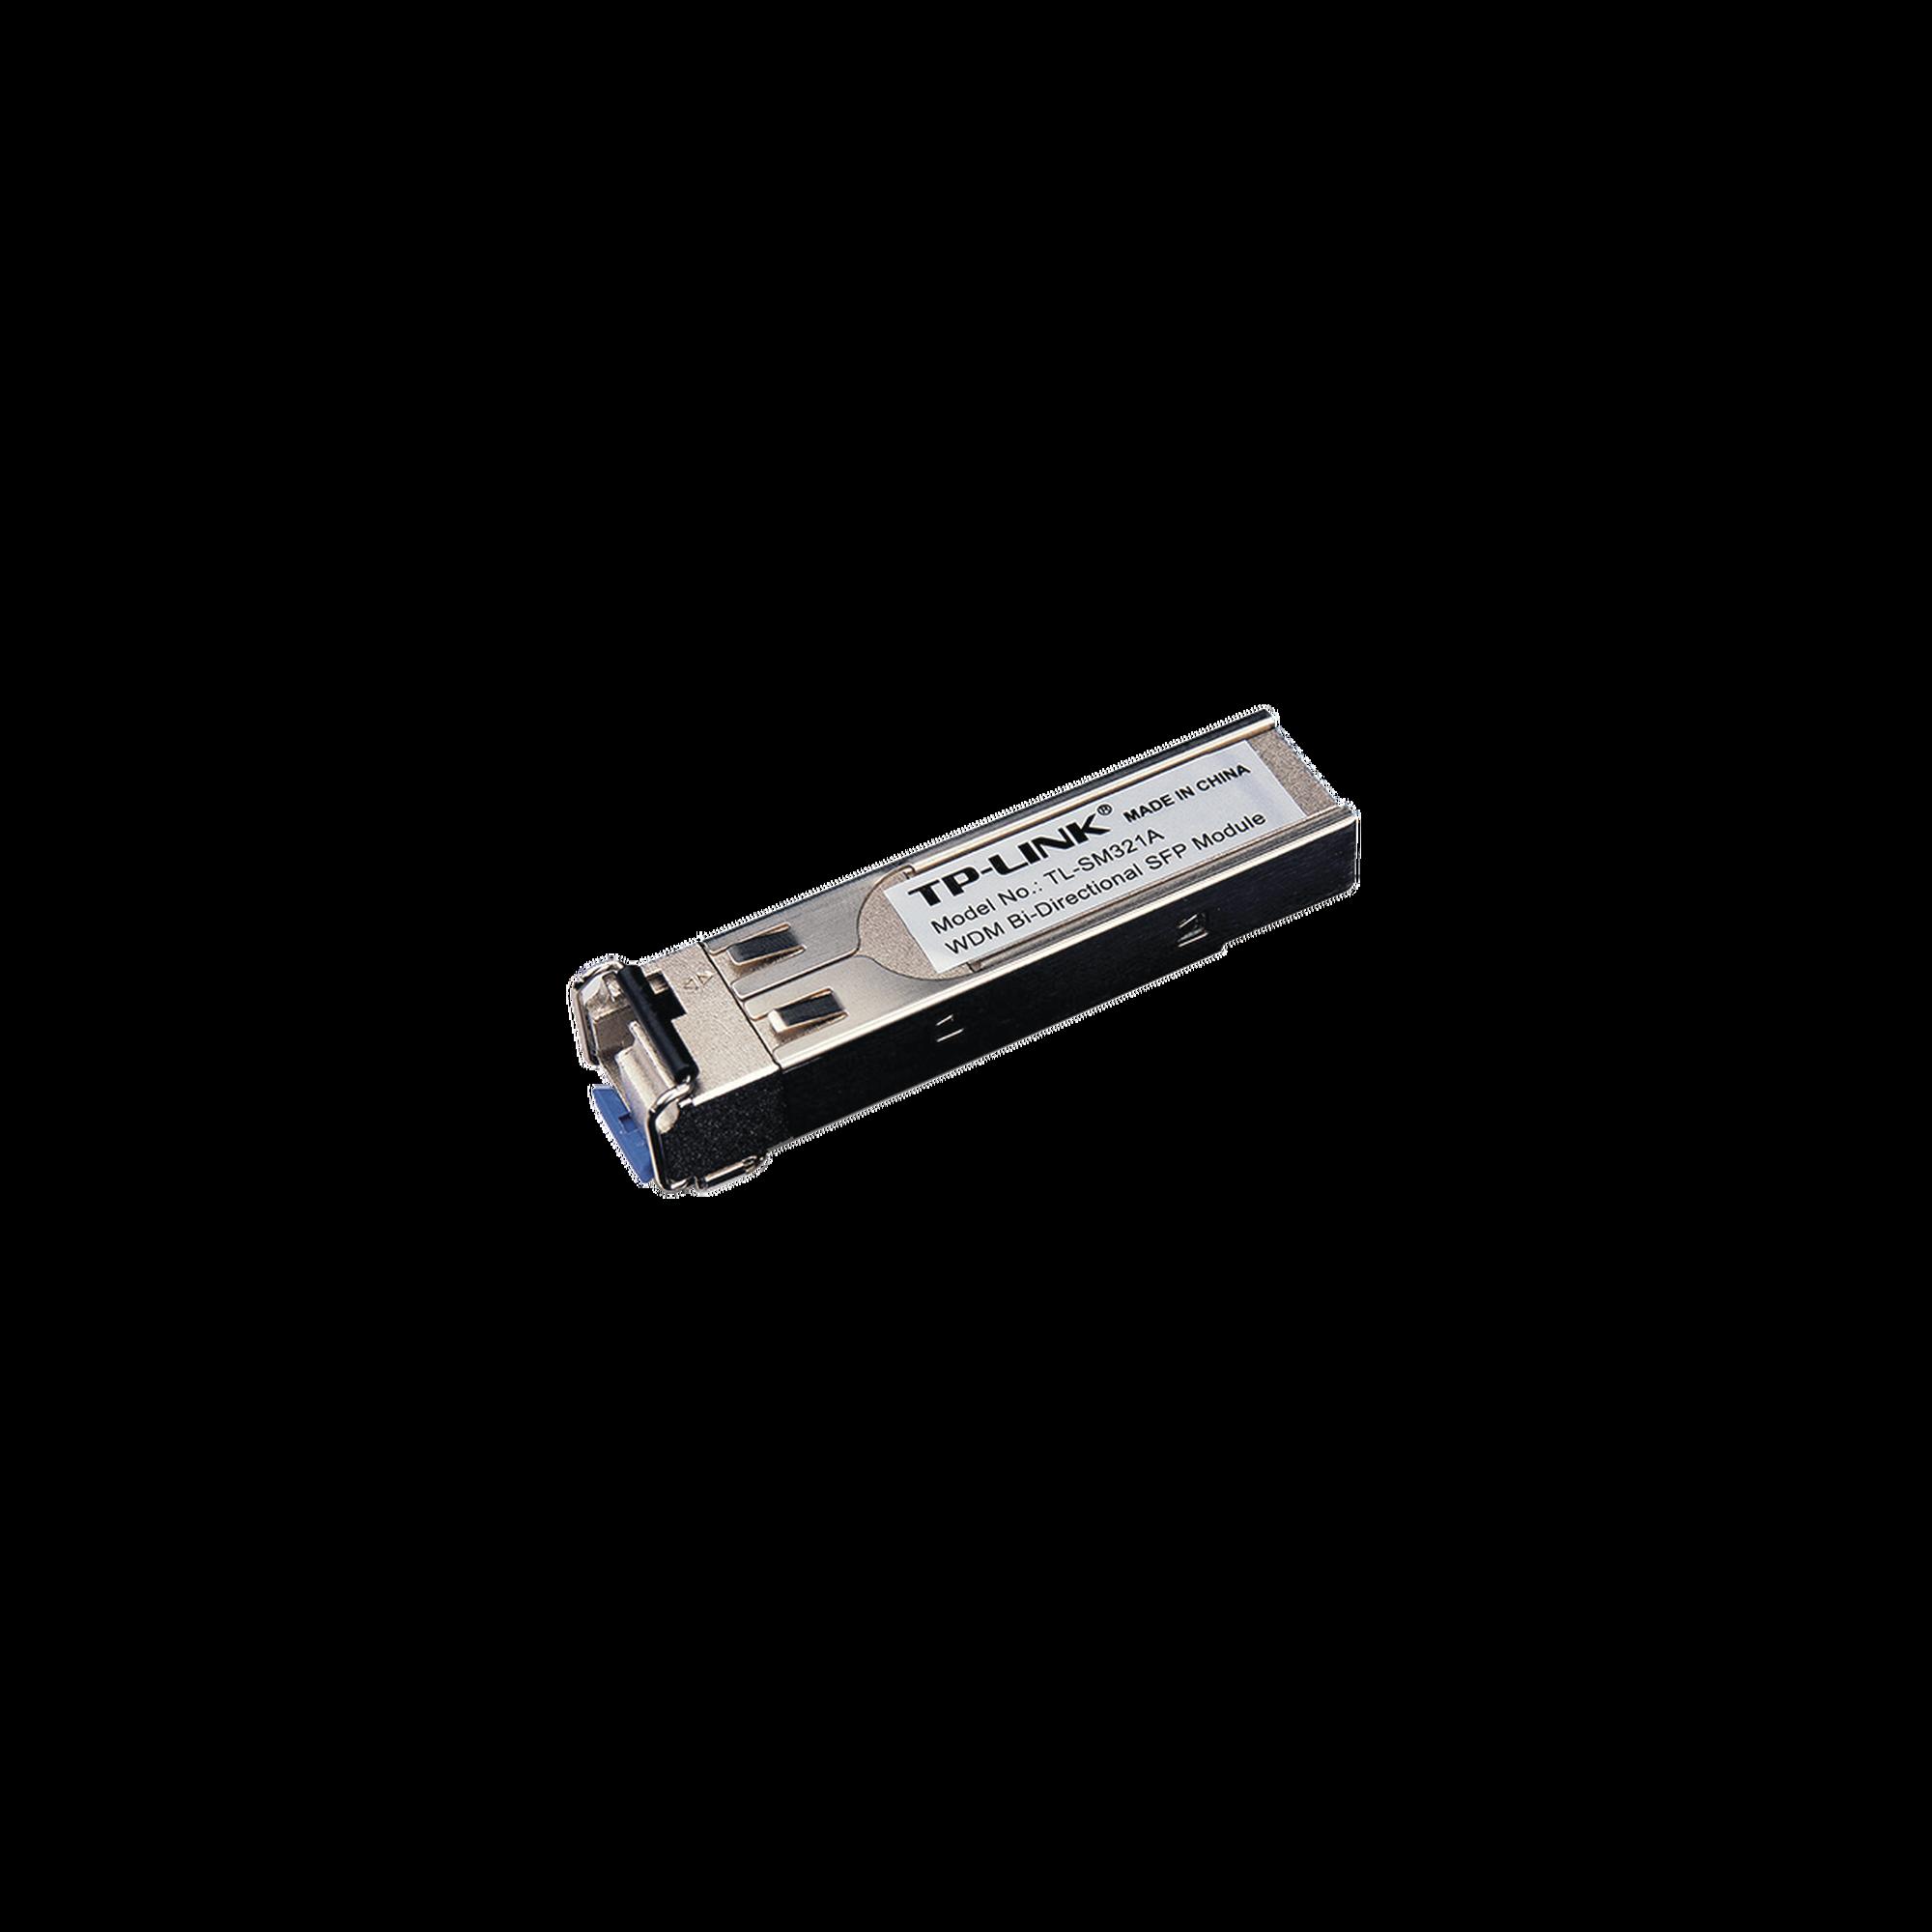 Transceptor mini-GBIC SFP Bi-Direccional Monomodo 1000X, Distancia 10 KM, conector LC (requiere TL-SM321B para enlazar)